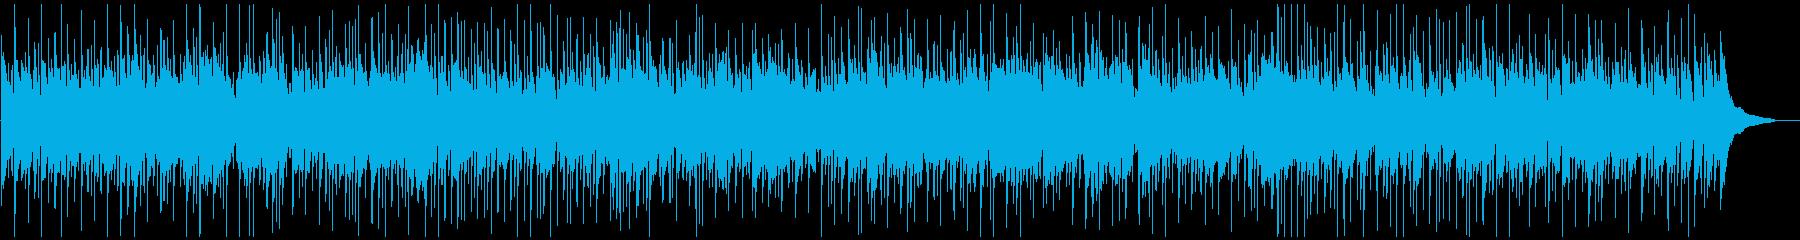 ピアノ、カントリーバラードの再生済みの波形